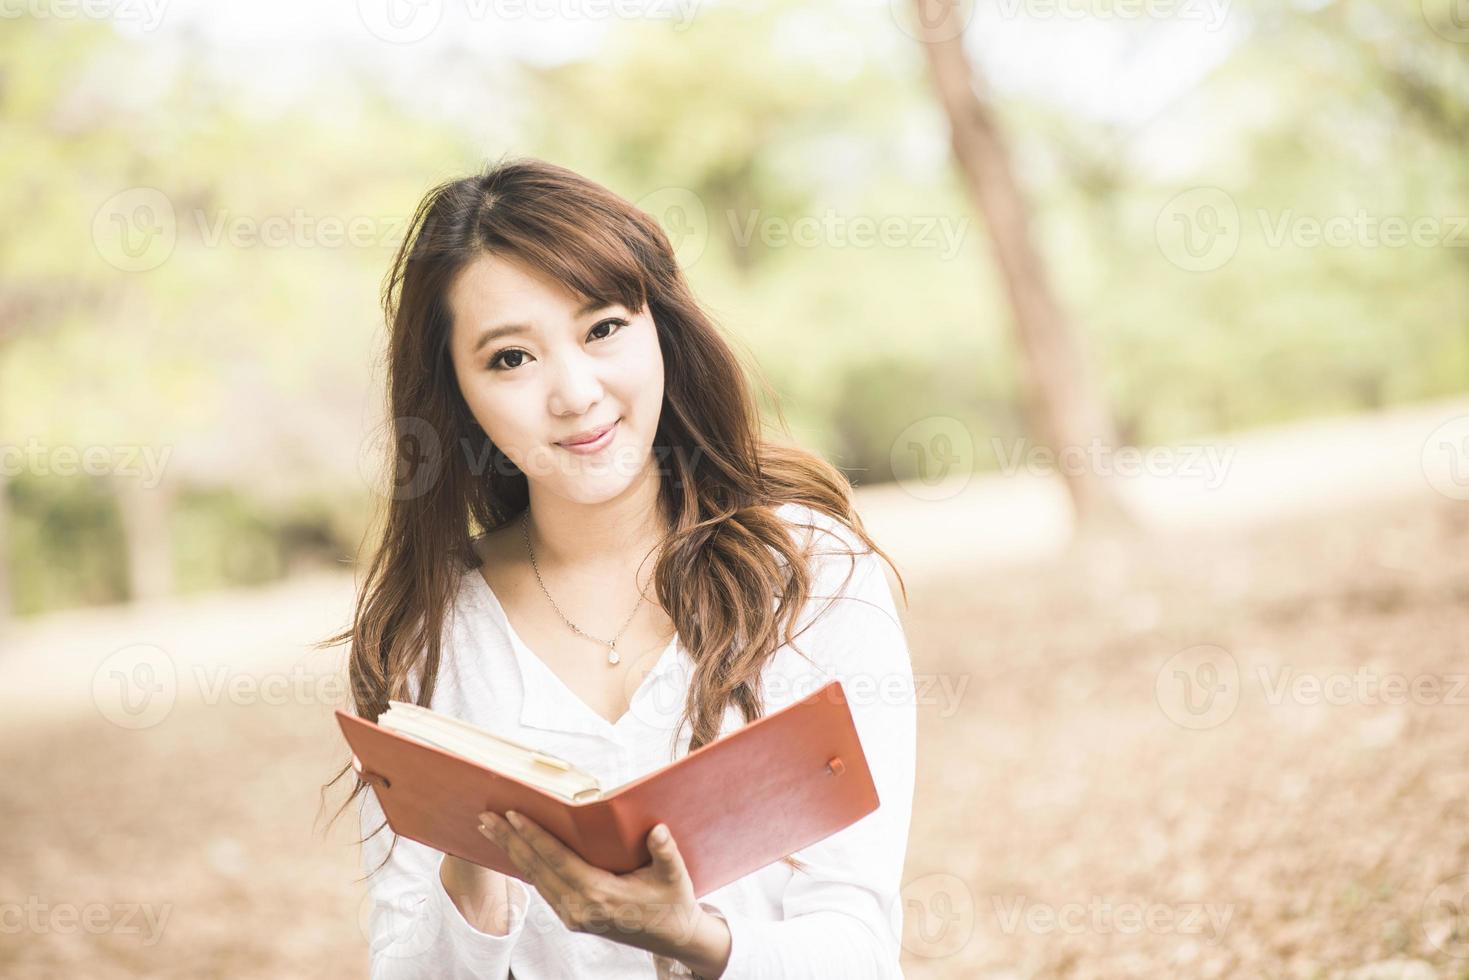 asiatische College- oder Universitätsstudentin foto